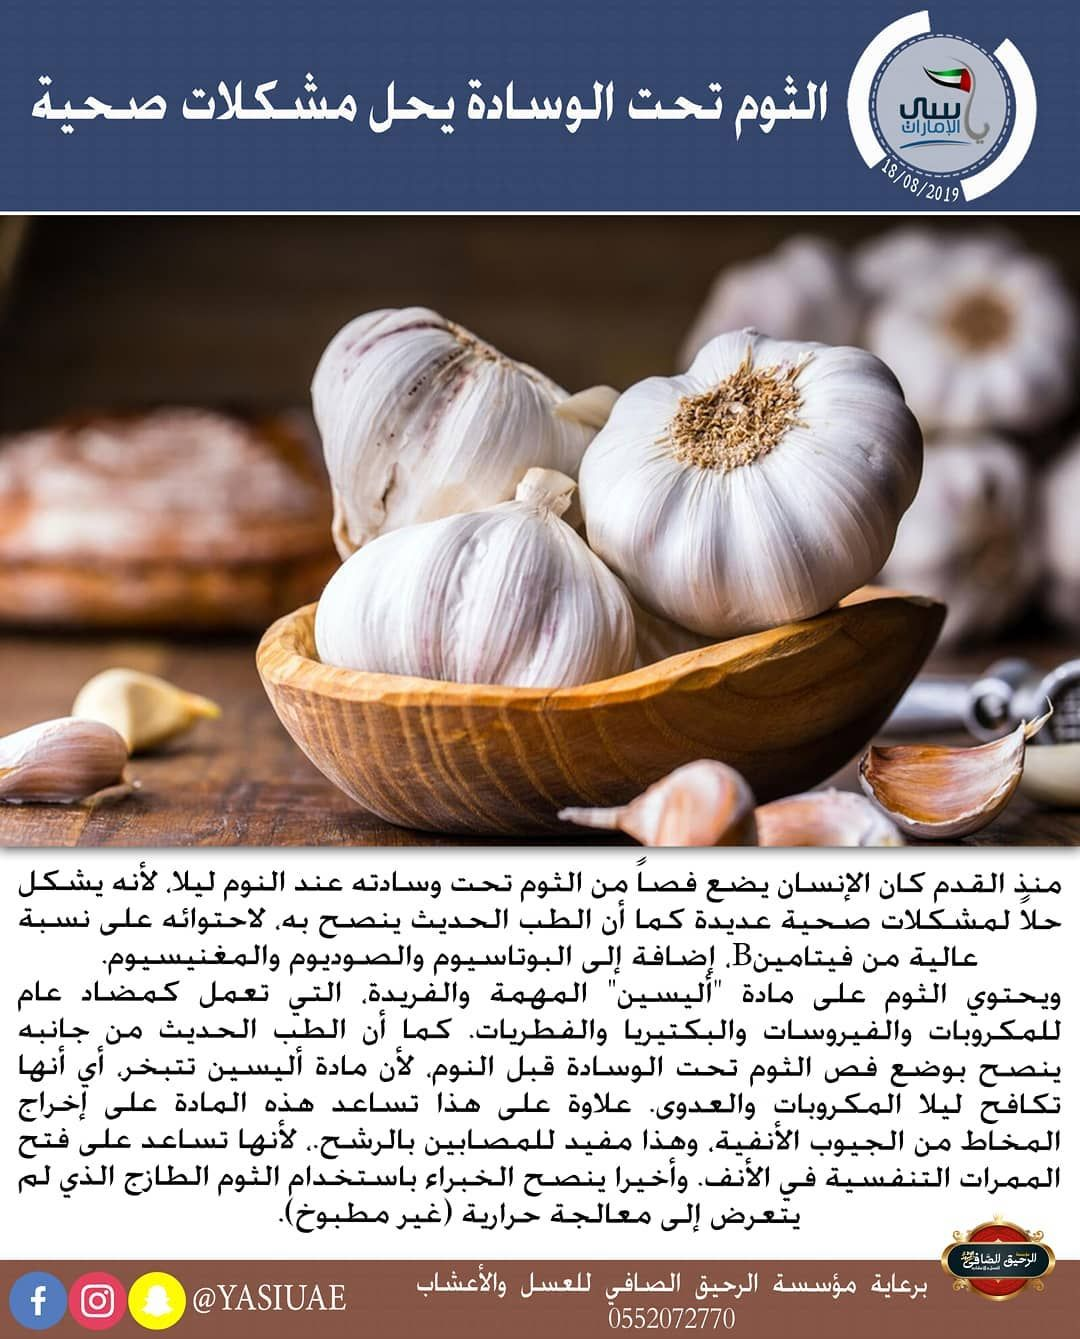 معلومات صحية الثوم تحت الوسادة يحل مشكلات صحية الحساب برعاية مؤسسة الرحيق الصافي للعسل والأعشاب Clear Nectar افضل المنتجات الطبيعي Vegetables Garlic Food